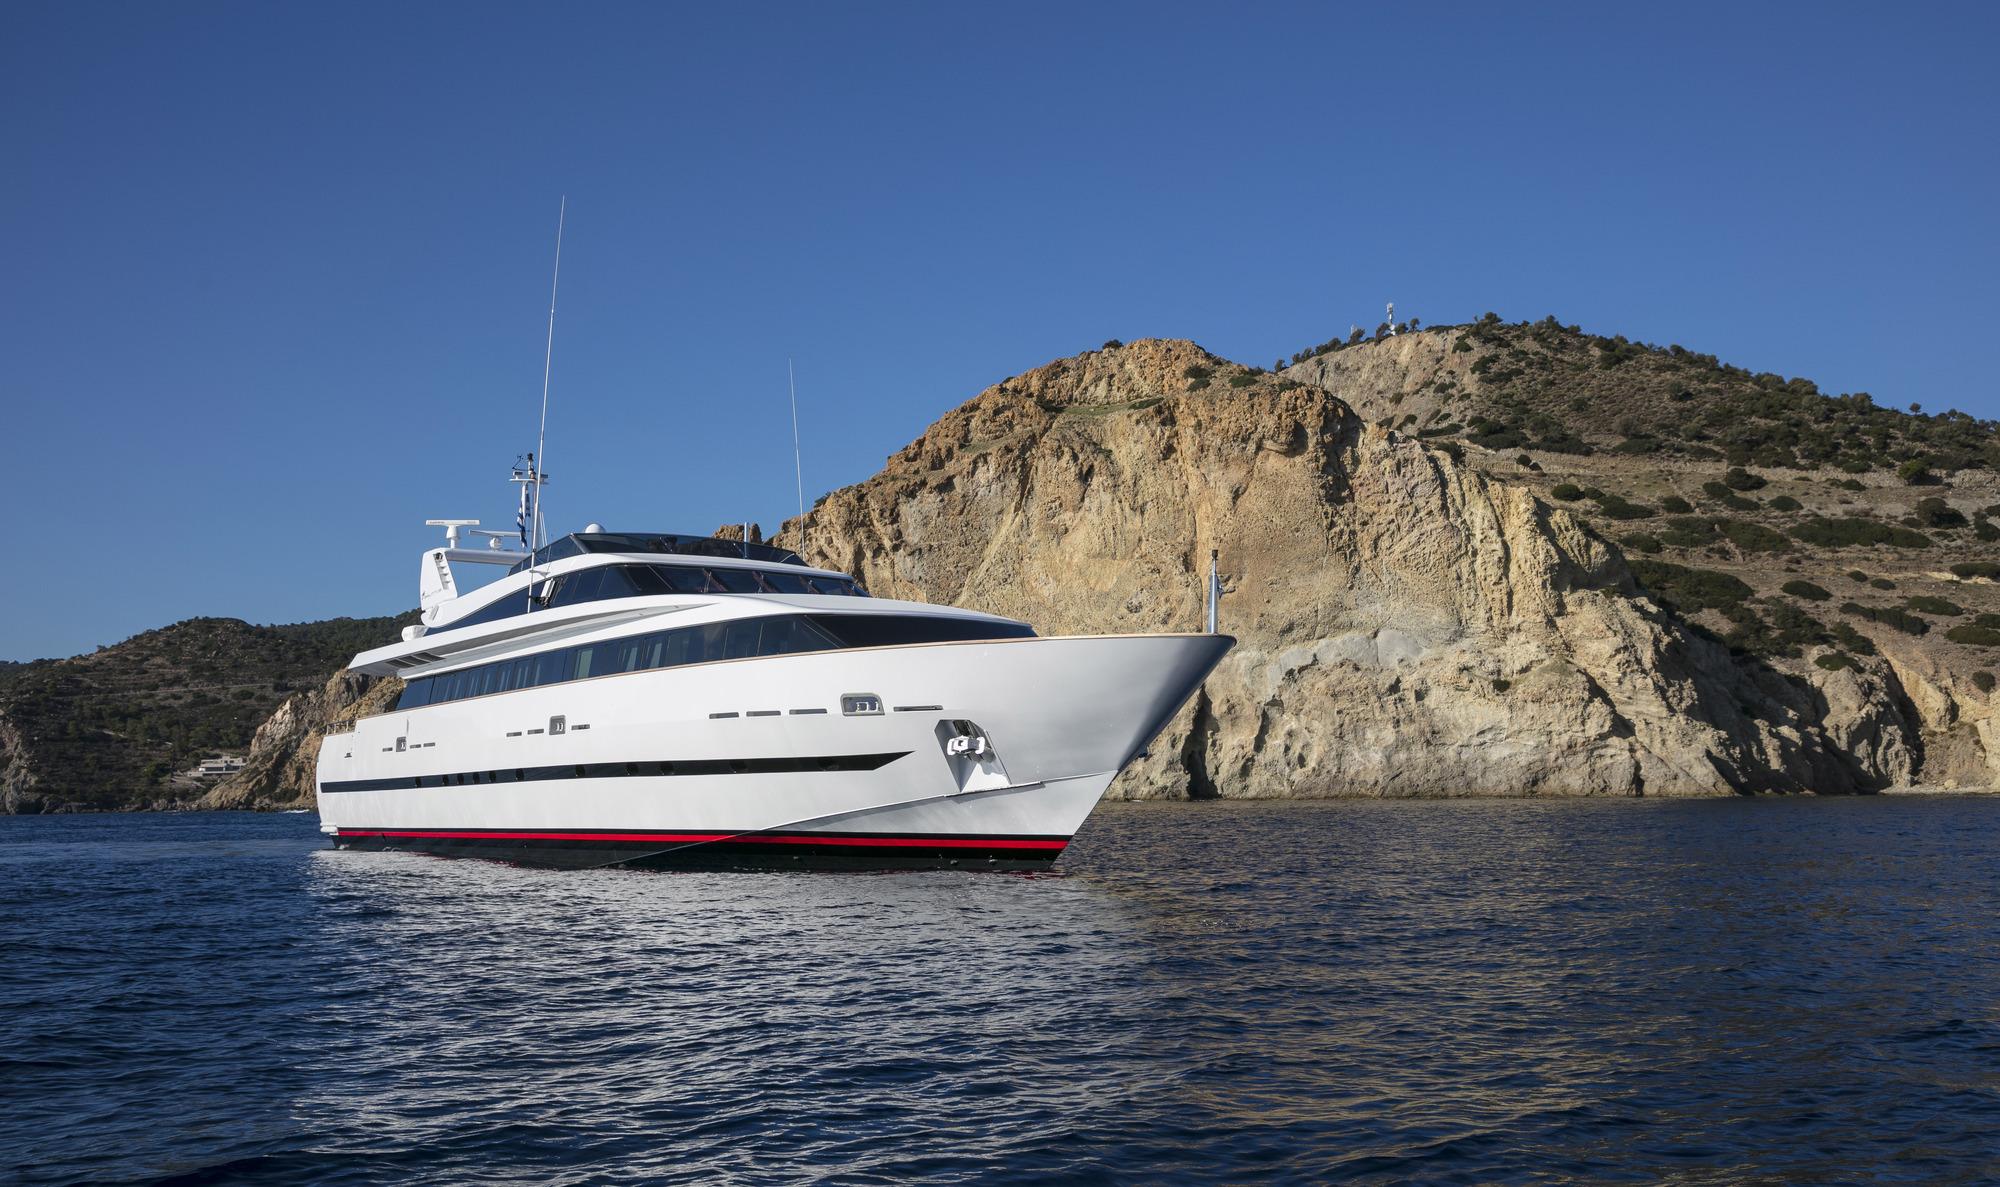 Baglietto Motor Yacht SOLE DI MARE - Bow View